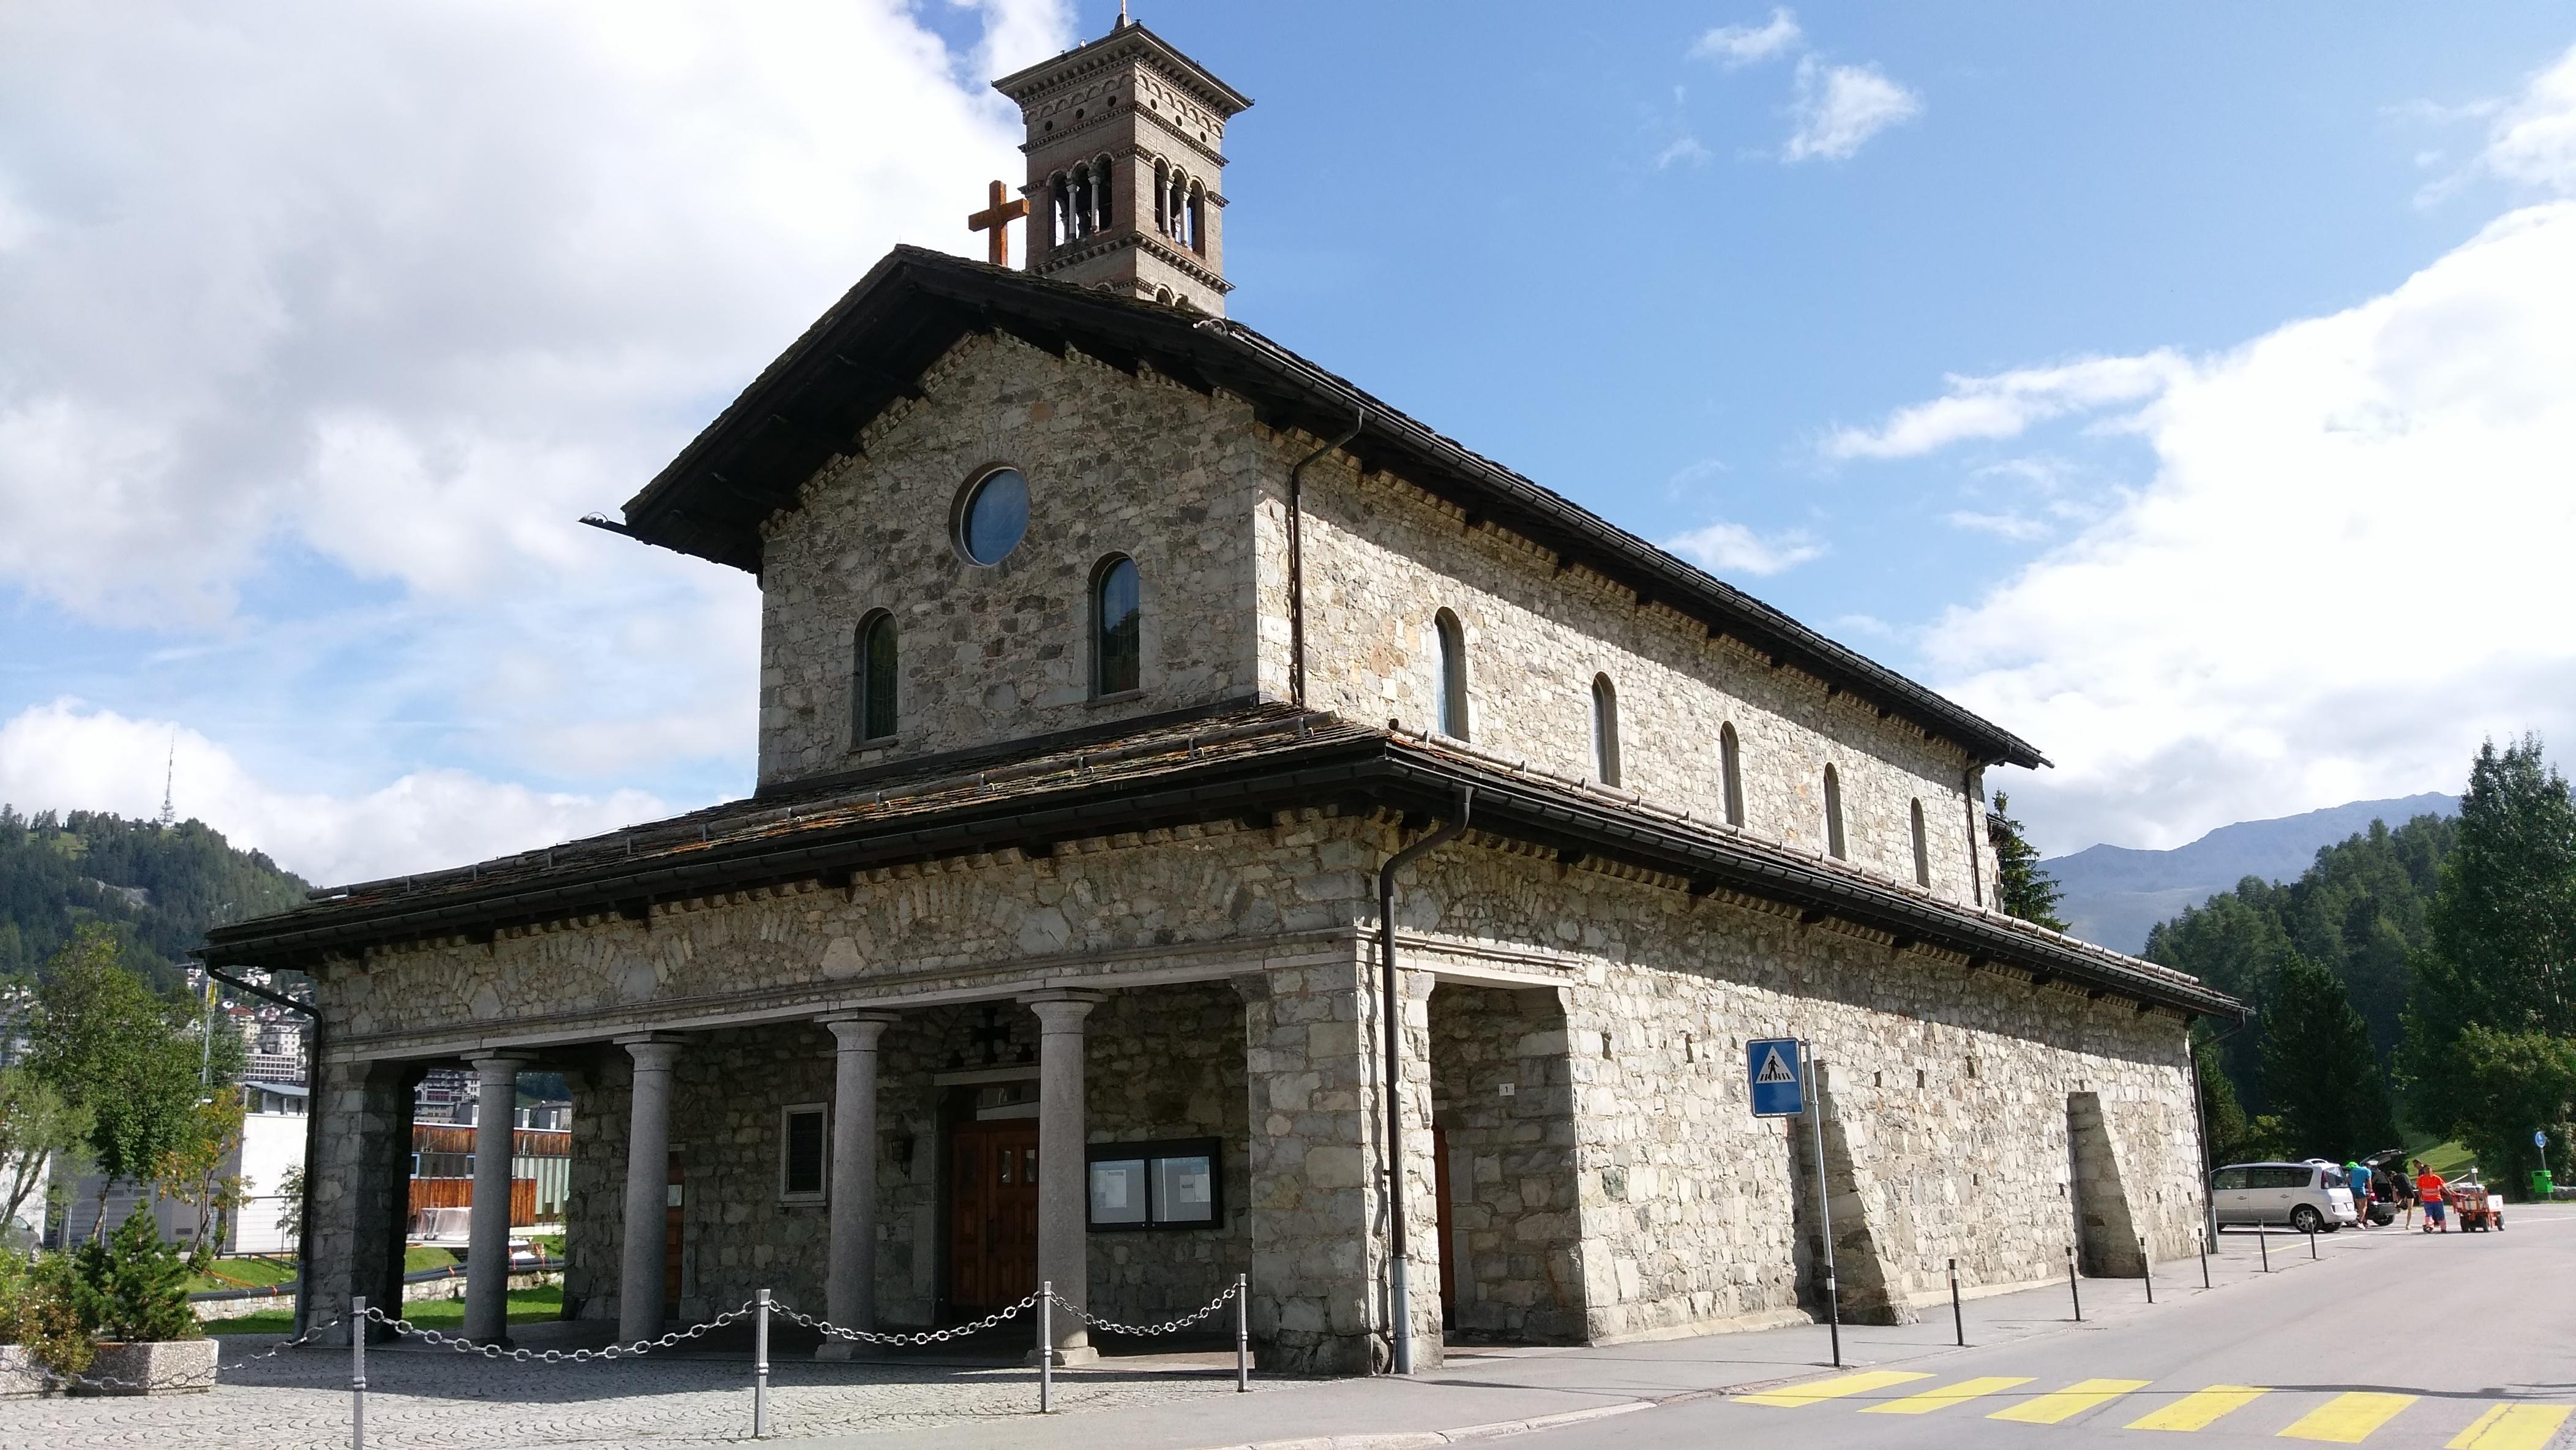 Katholische Kirche St. Karl Slide 1